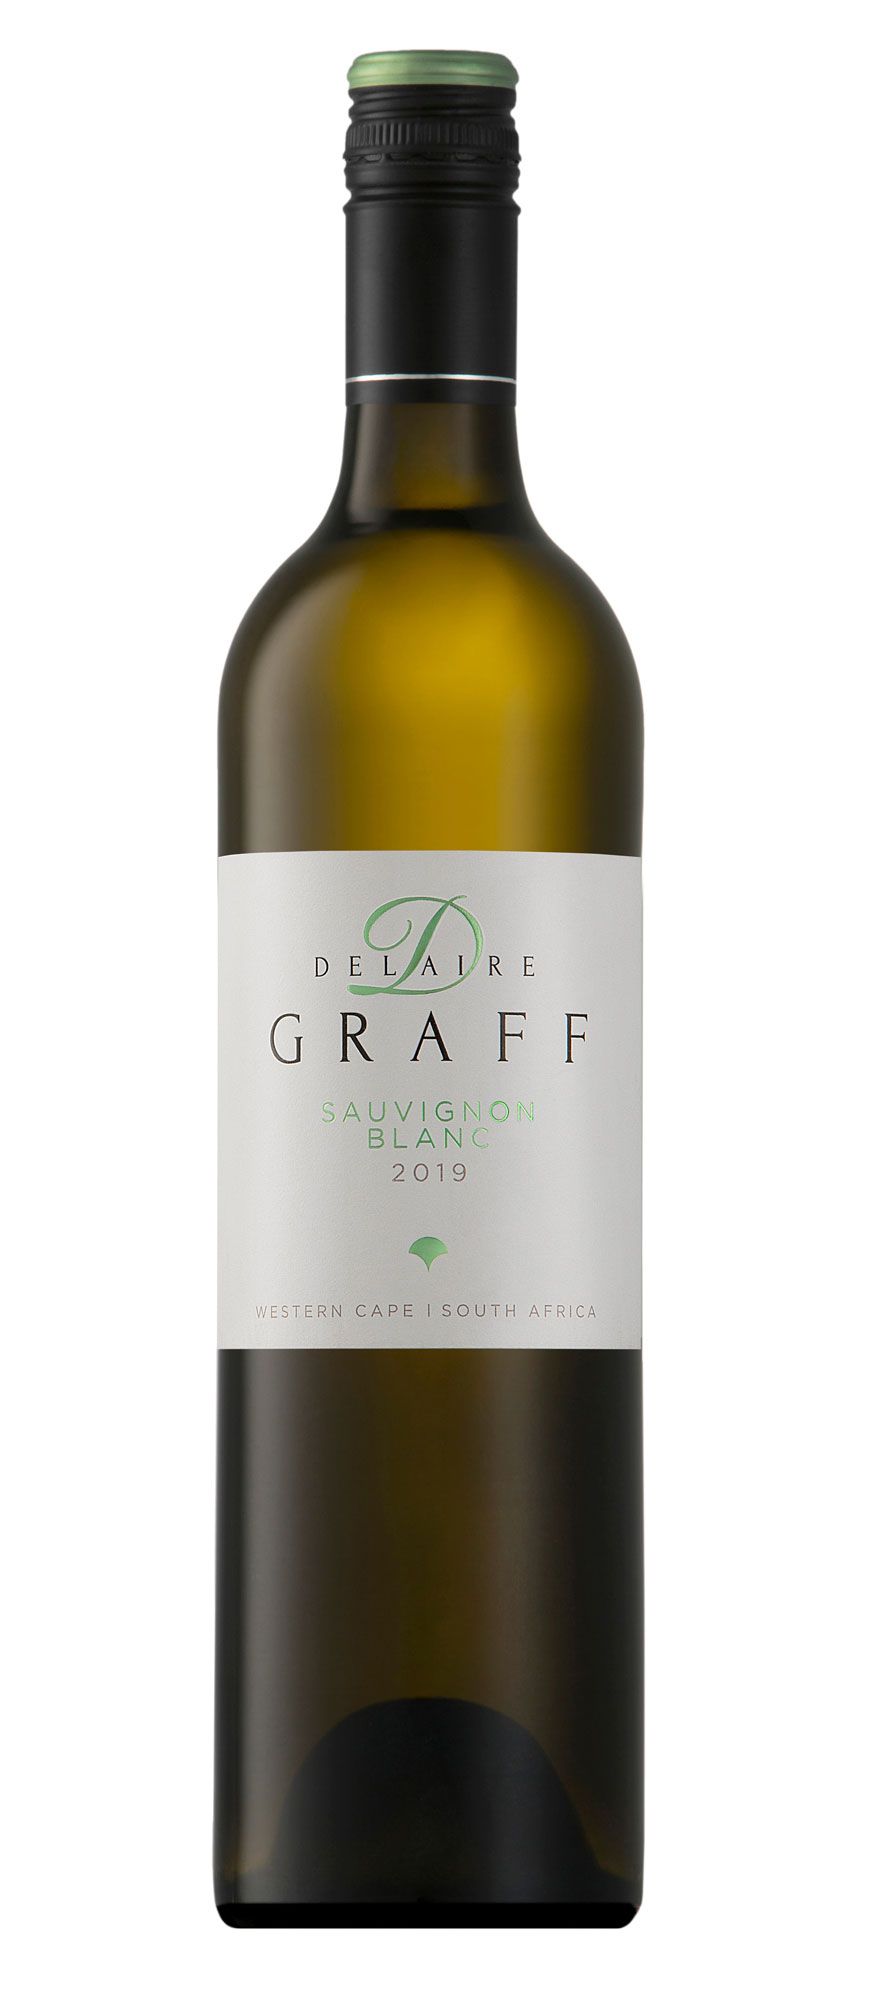 A bottle of Delaire Graff Sauvignon Blanc 2019